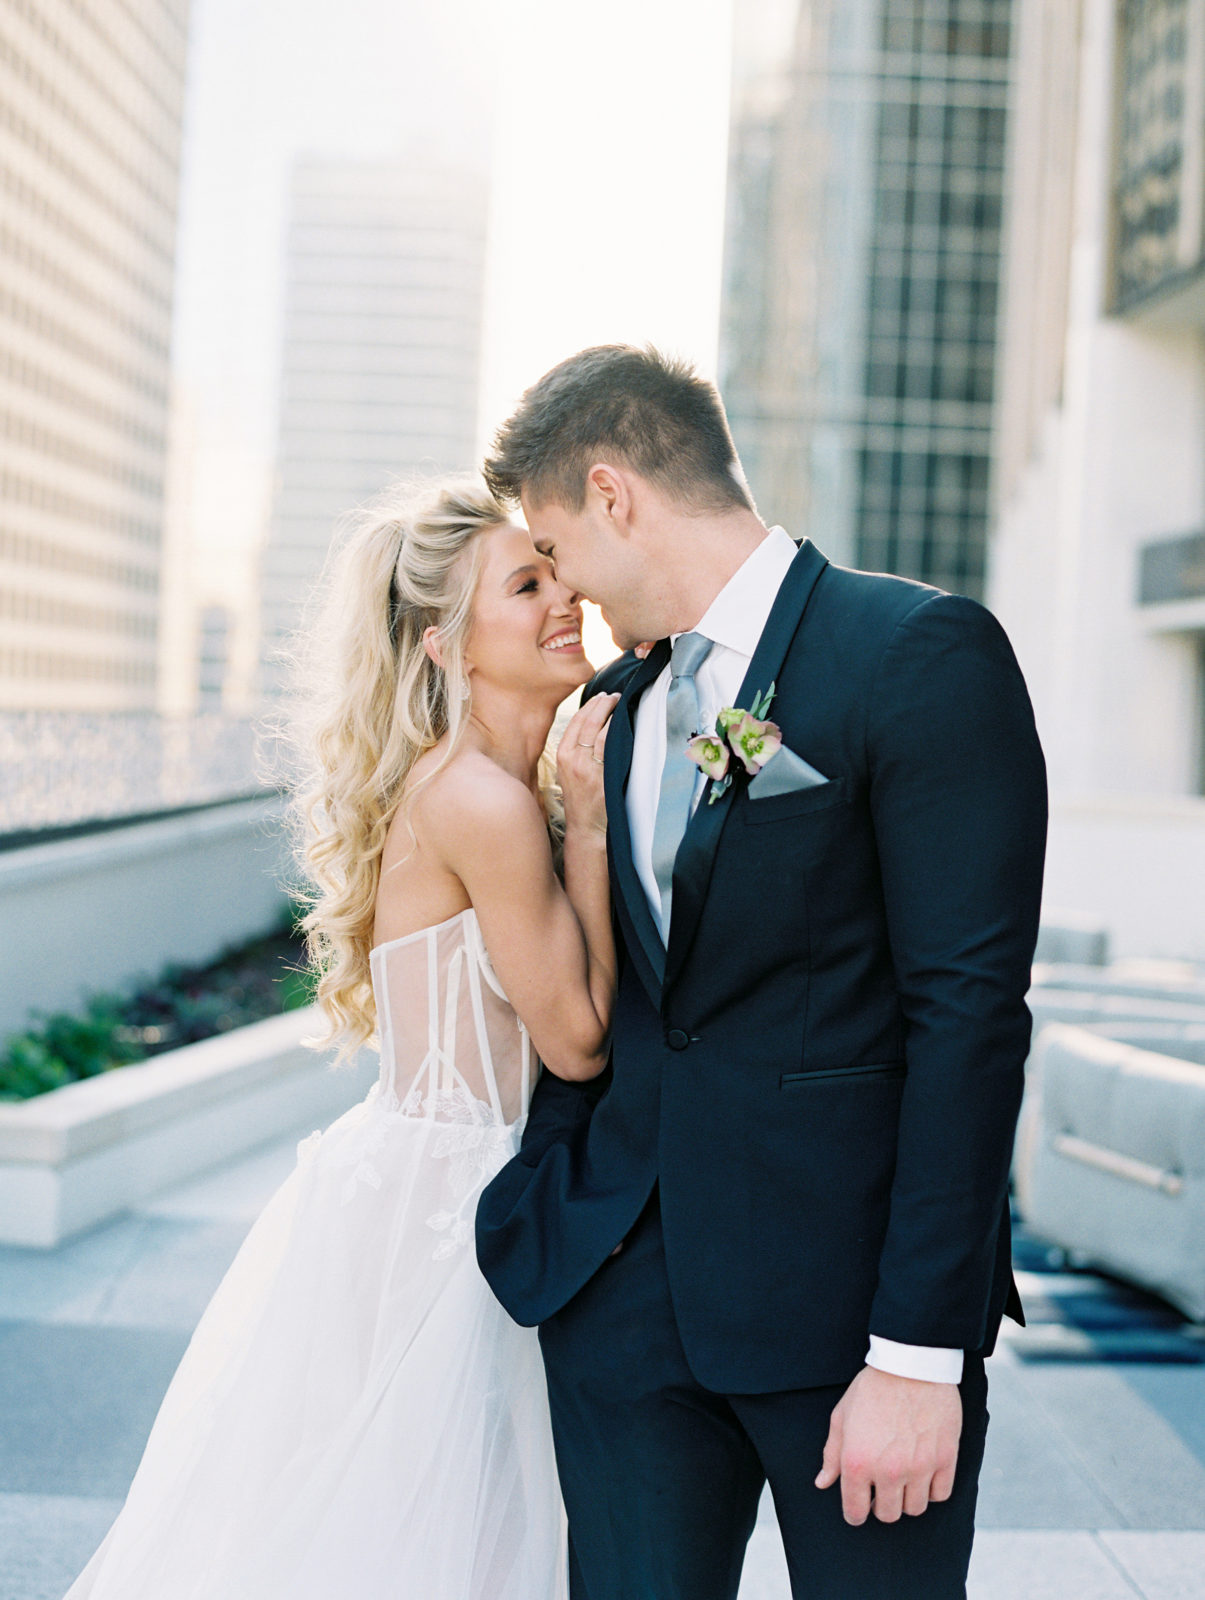 Stephanie Brazzle Wedding Photography